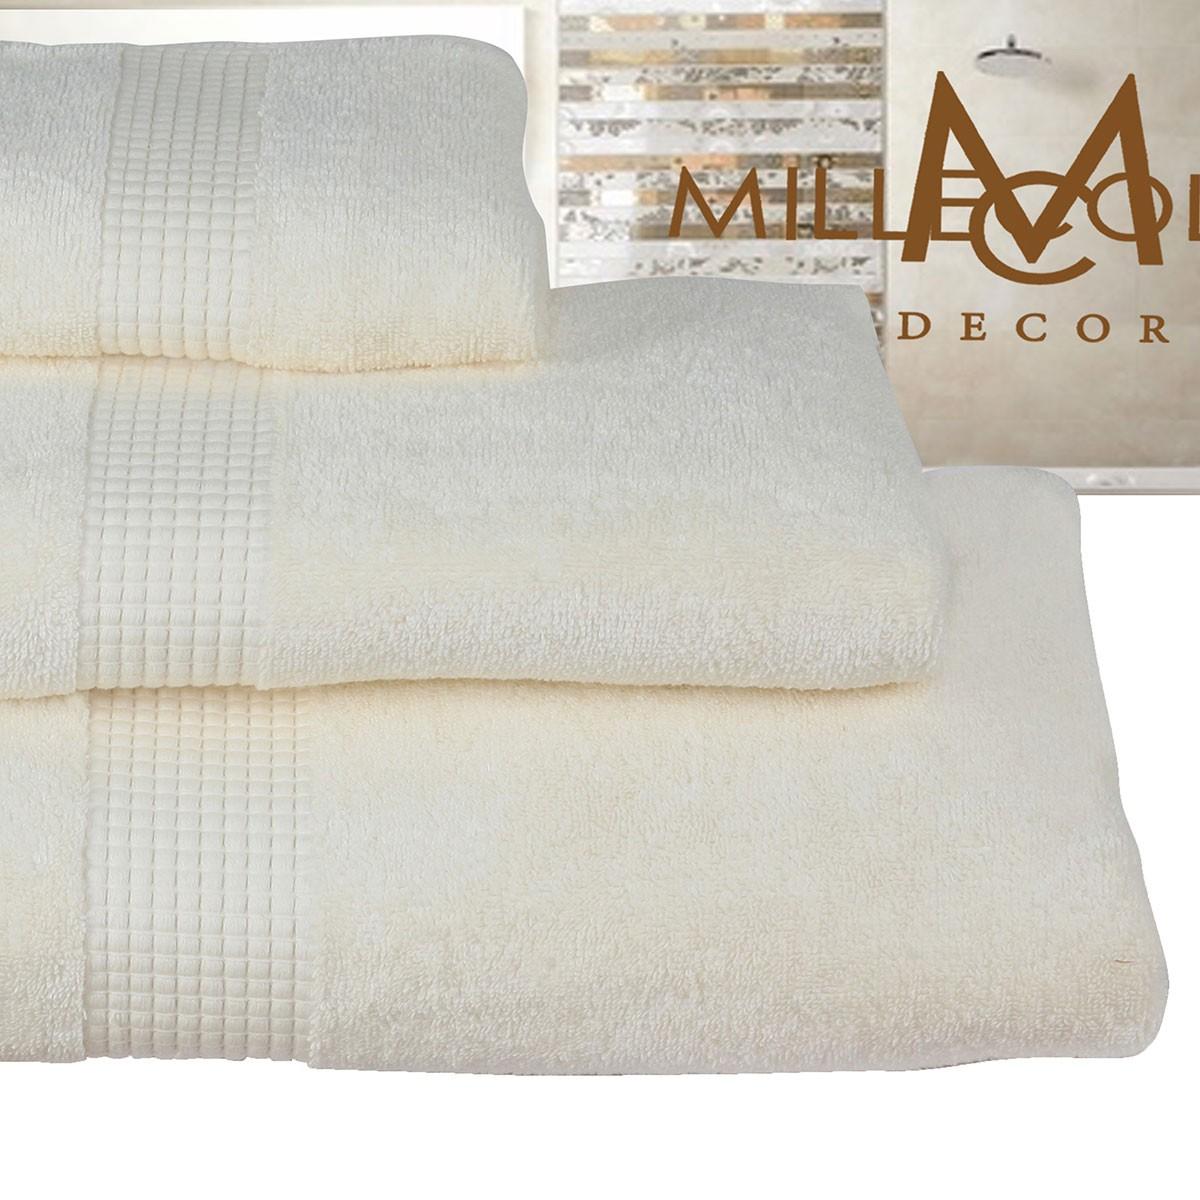 Πετσέτα Σώματος (70x140) Mc Decor Extra Soft Ivory